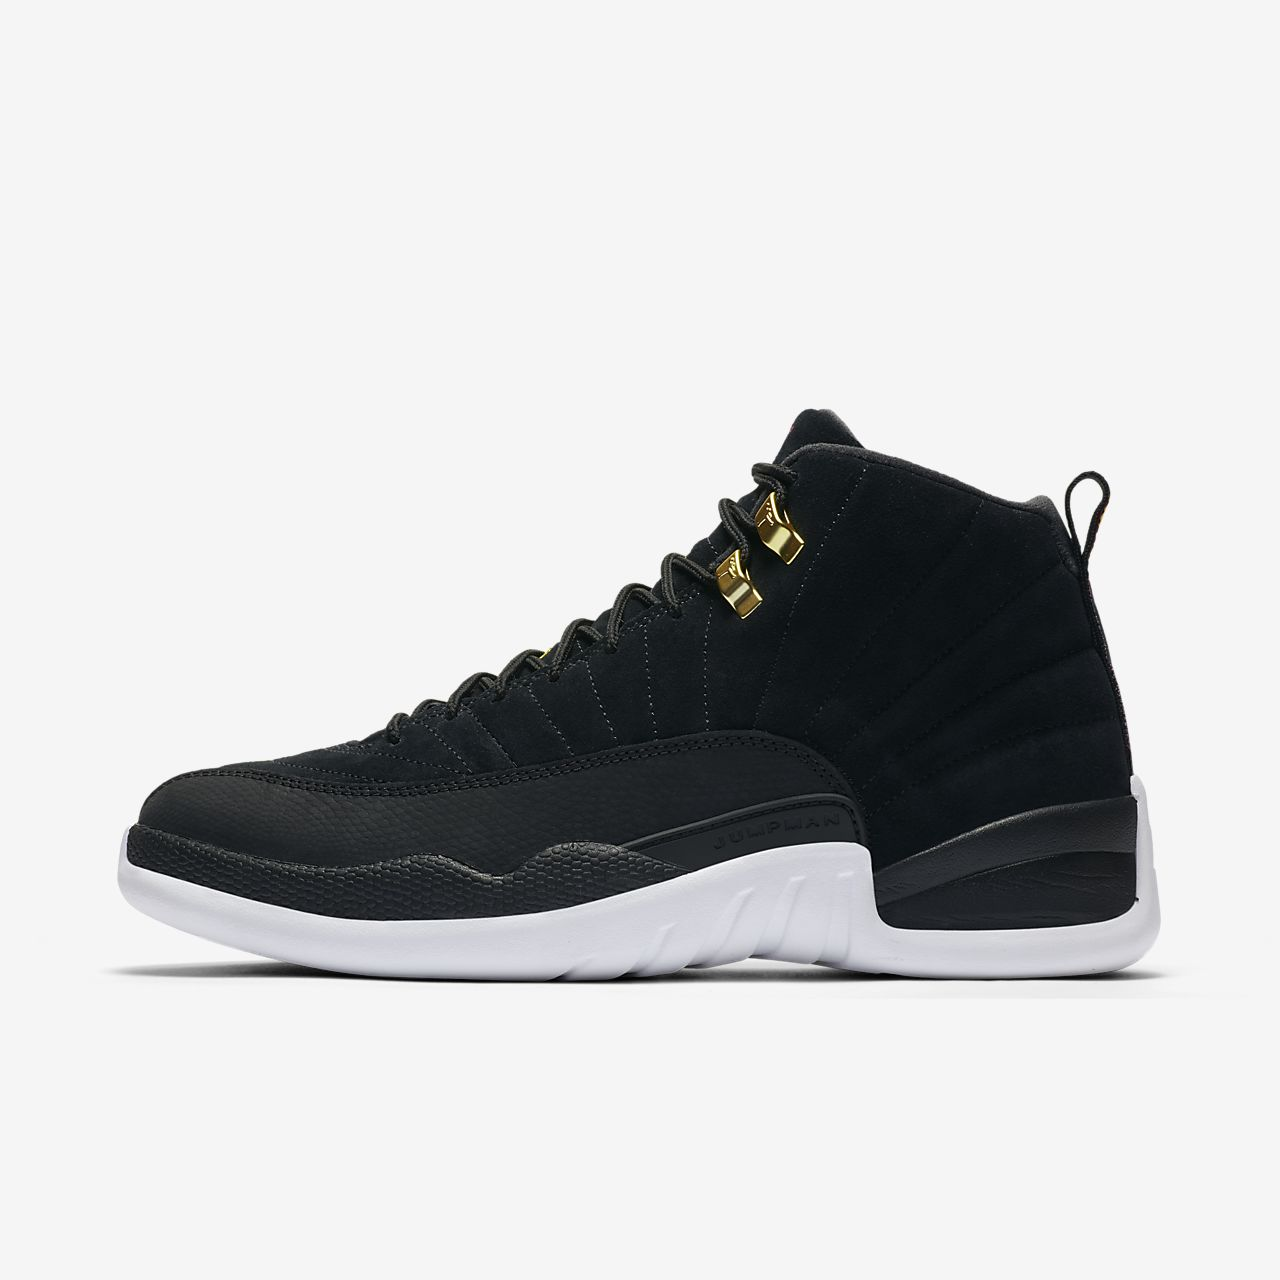 chaussure de jordan